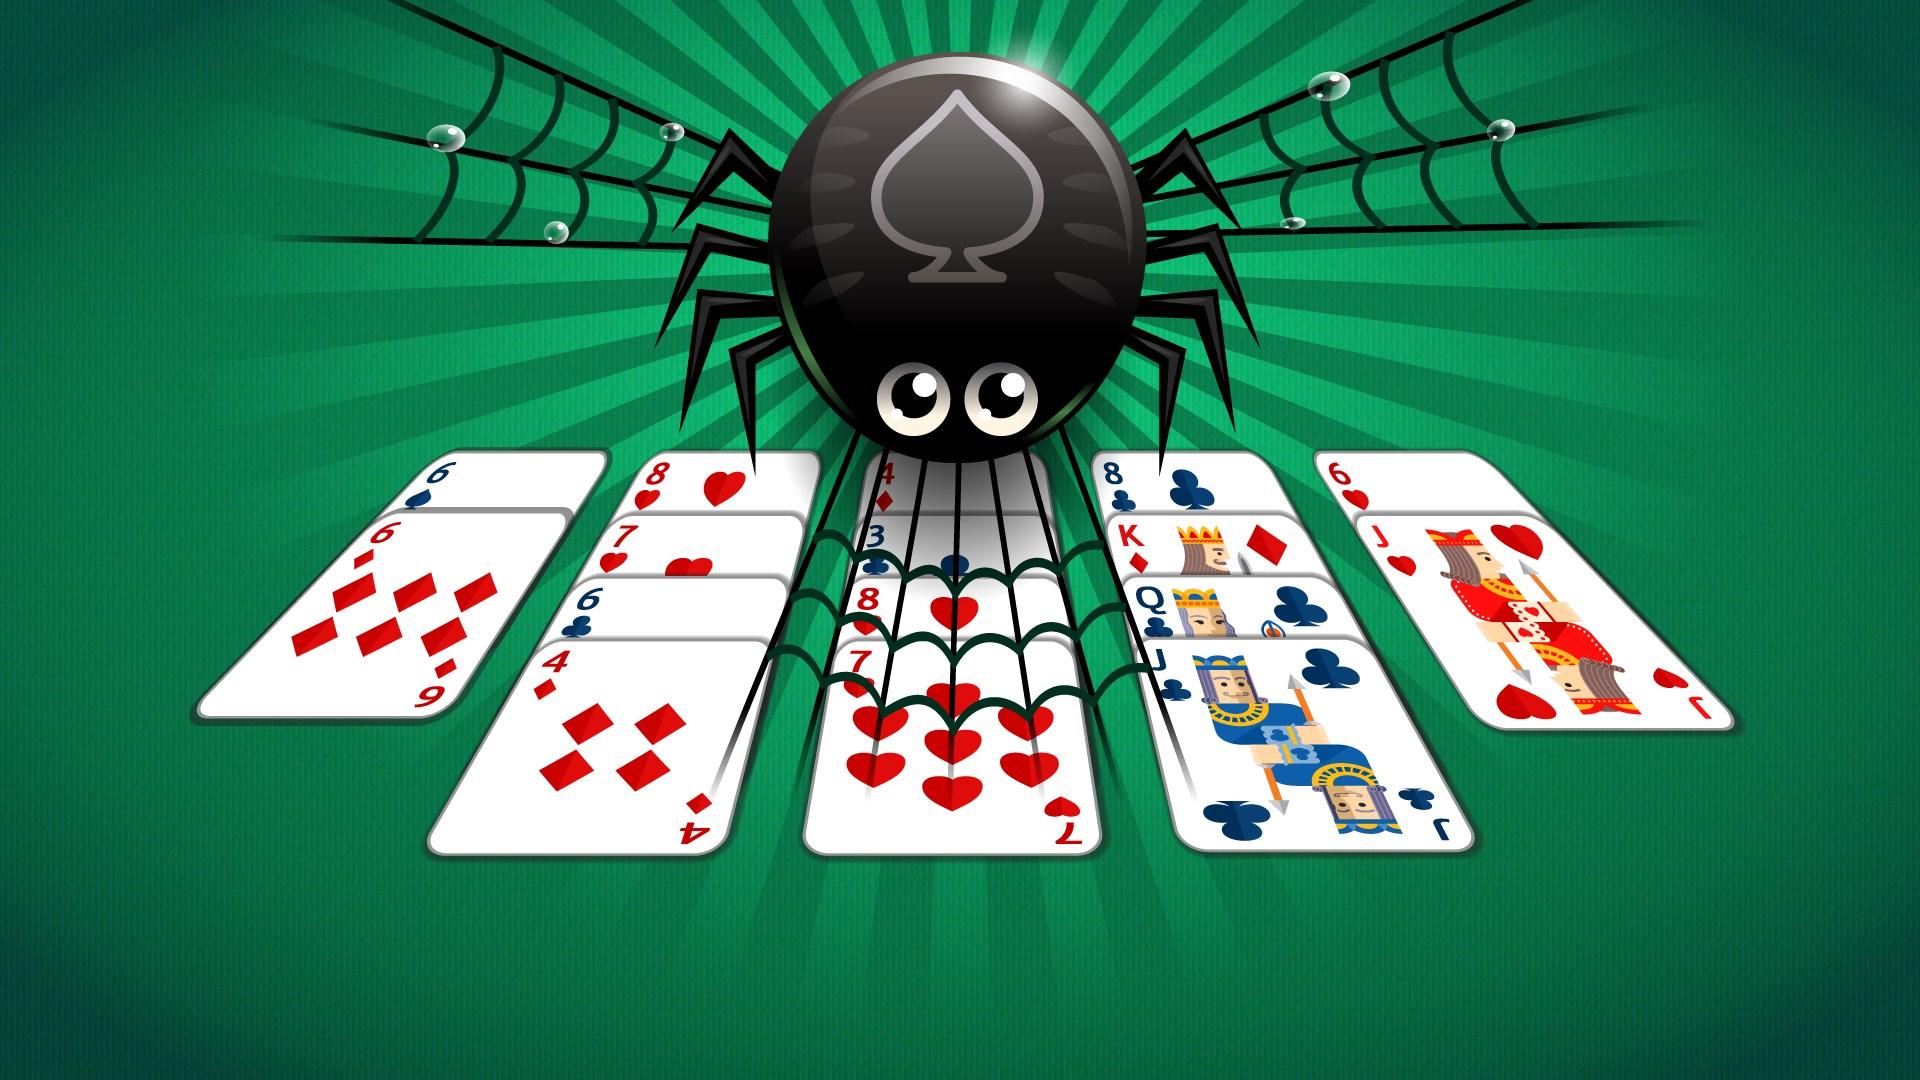 Карты пасьянс паук играть 4 масти бесплатно онлайн масти как в виндовс